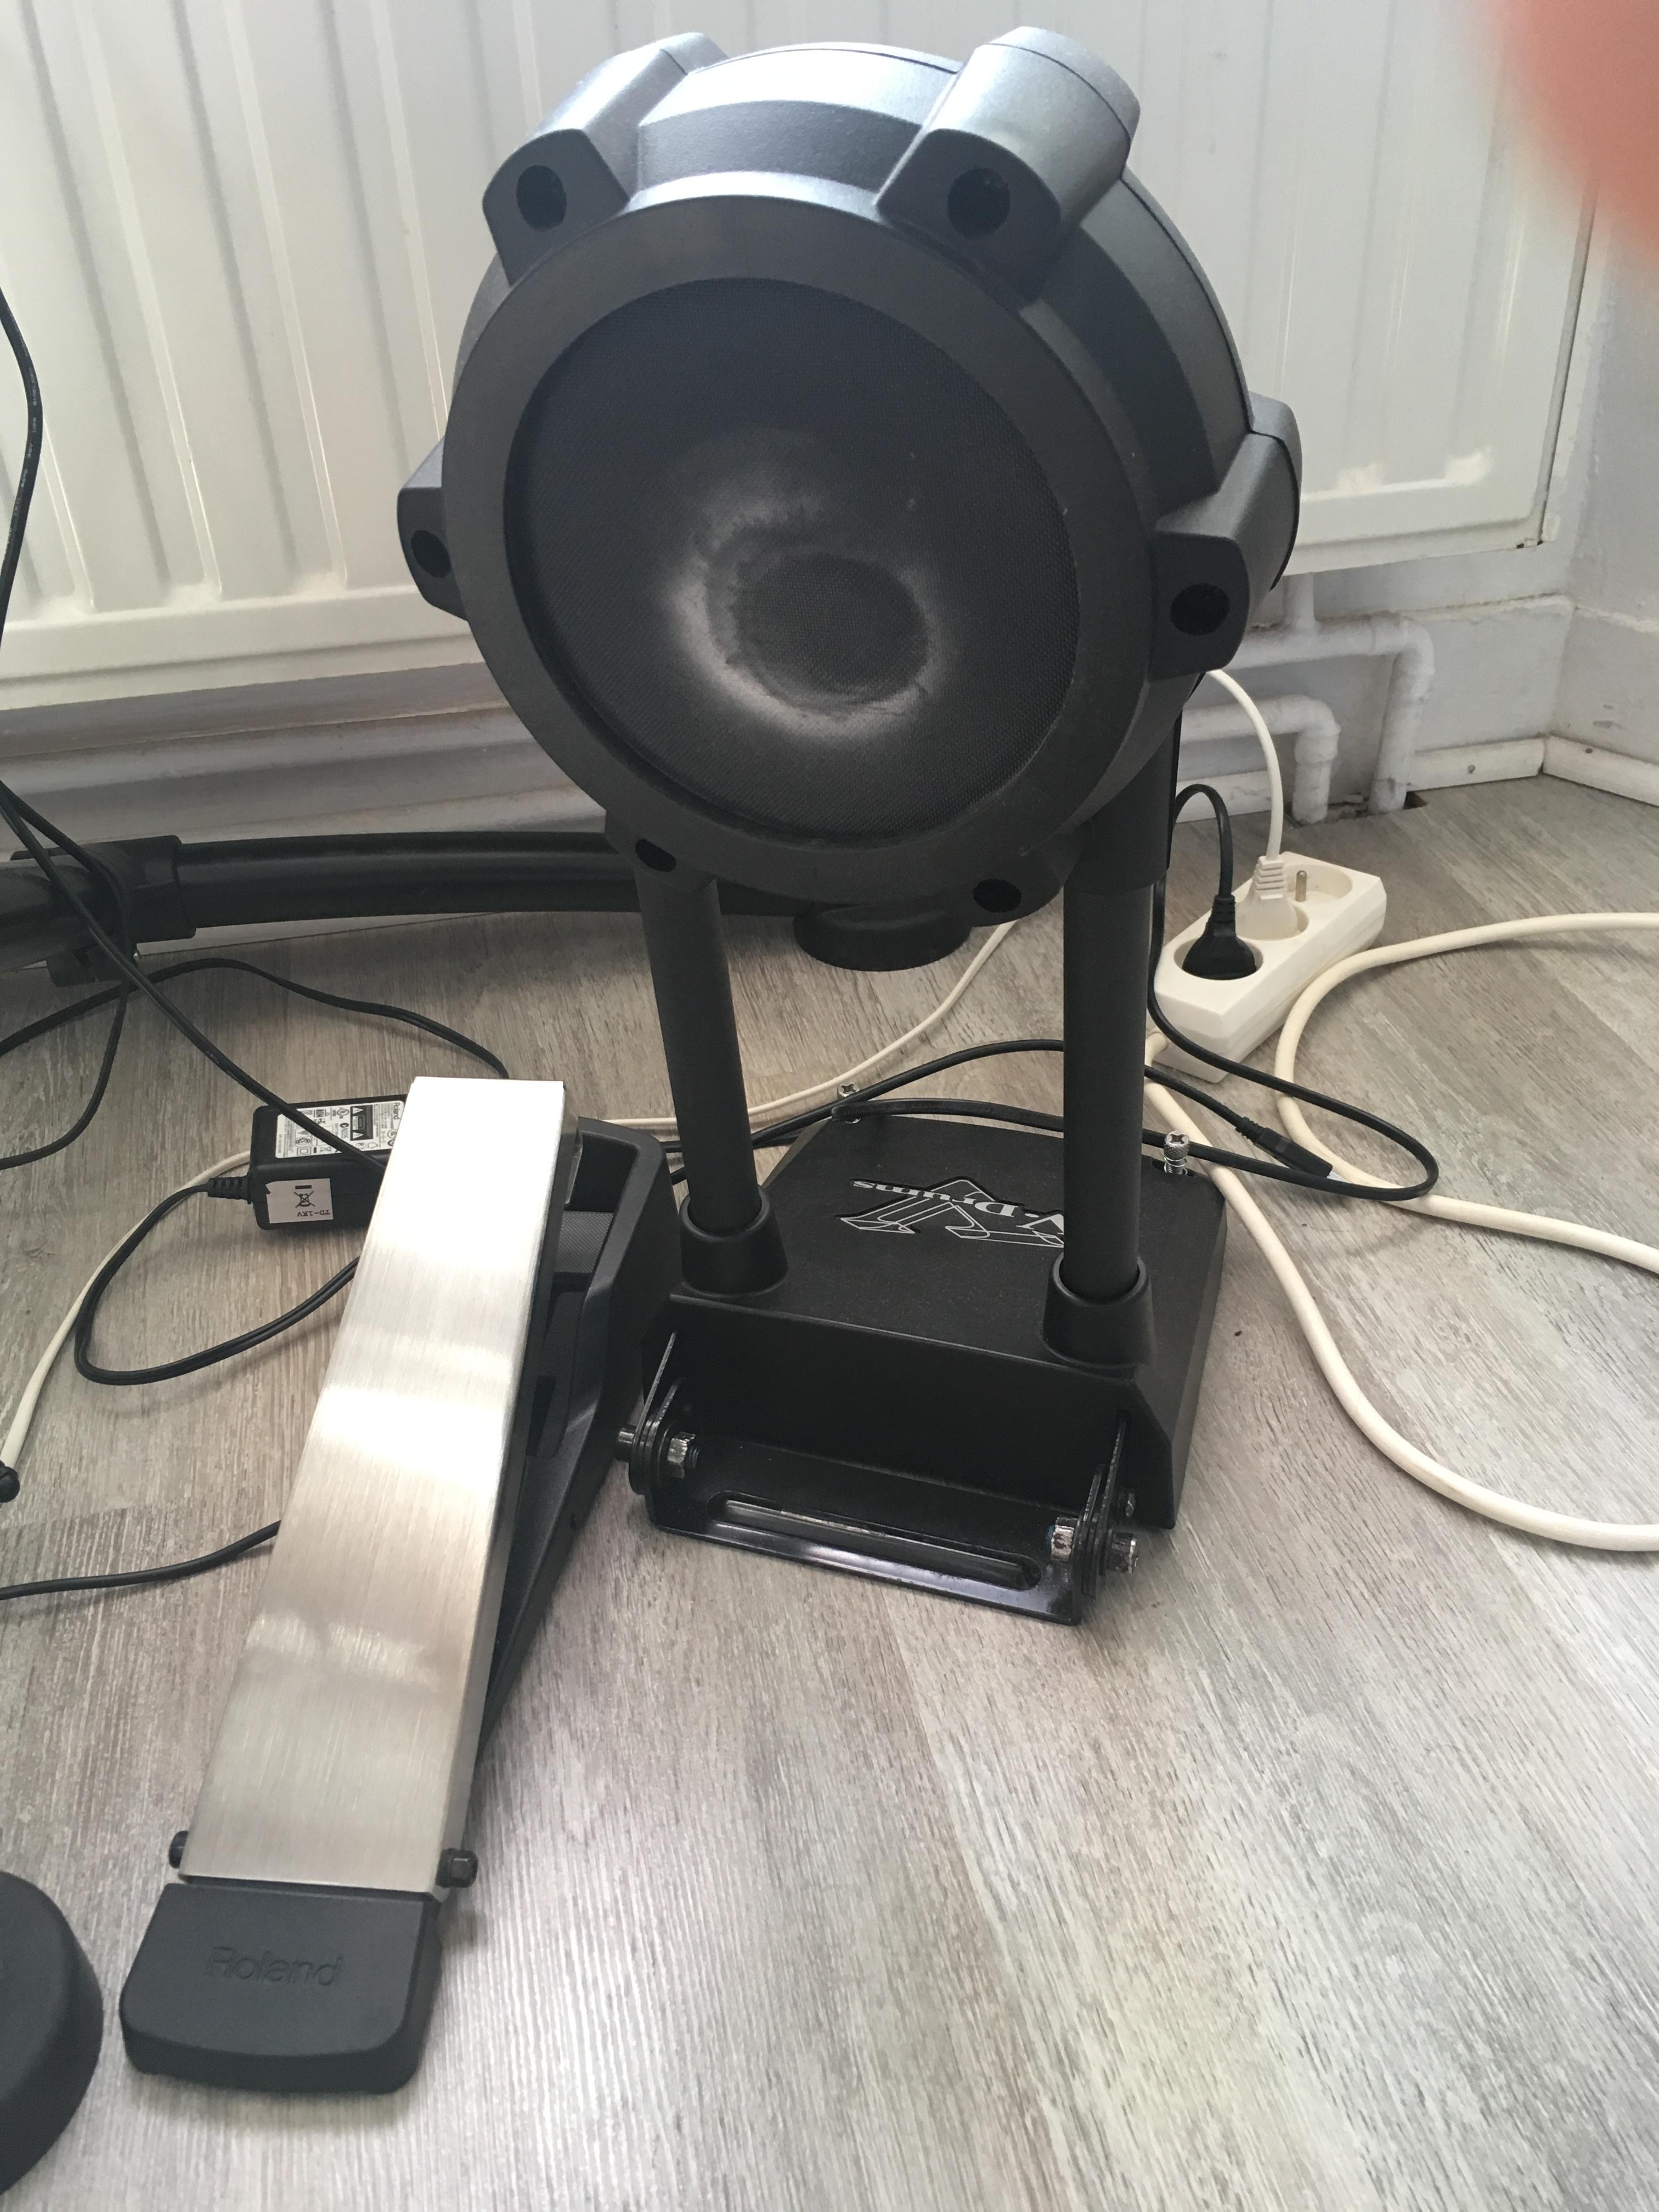 roland td 1kv image 1762926 audiofanzine. Black Bedroom Furniture Sets. Home Design Ideas